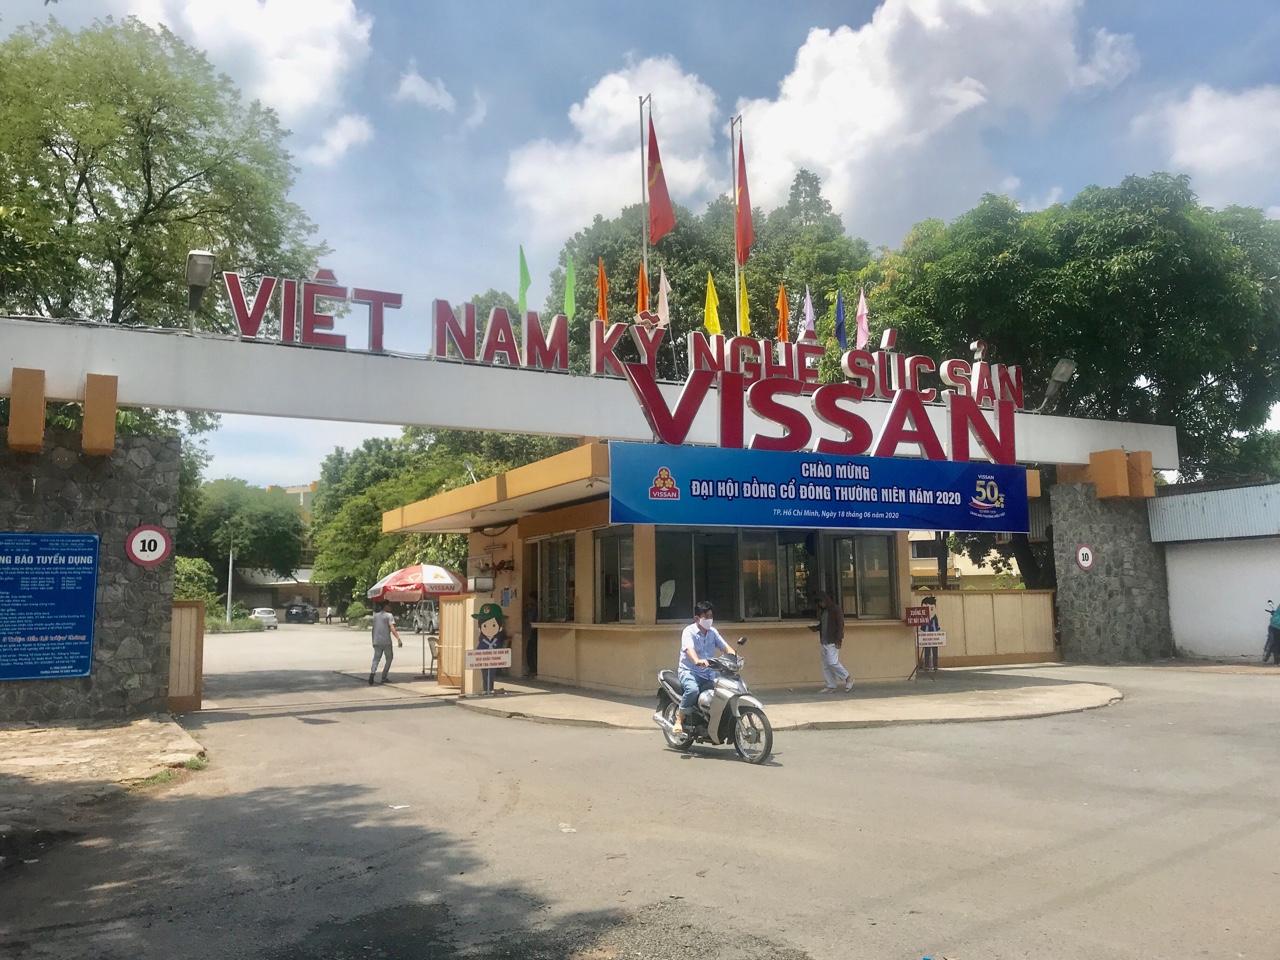 Cùng khai thác thị phần thịt mát tươi sống với cổ đông lớn, Vissan và Masan có cạnh tranh với nhau? - Ảnh 2.